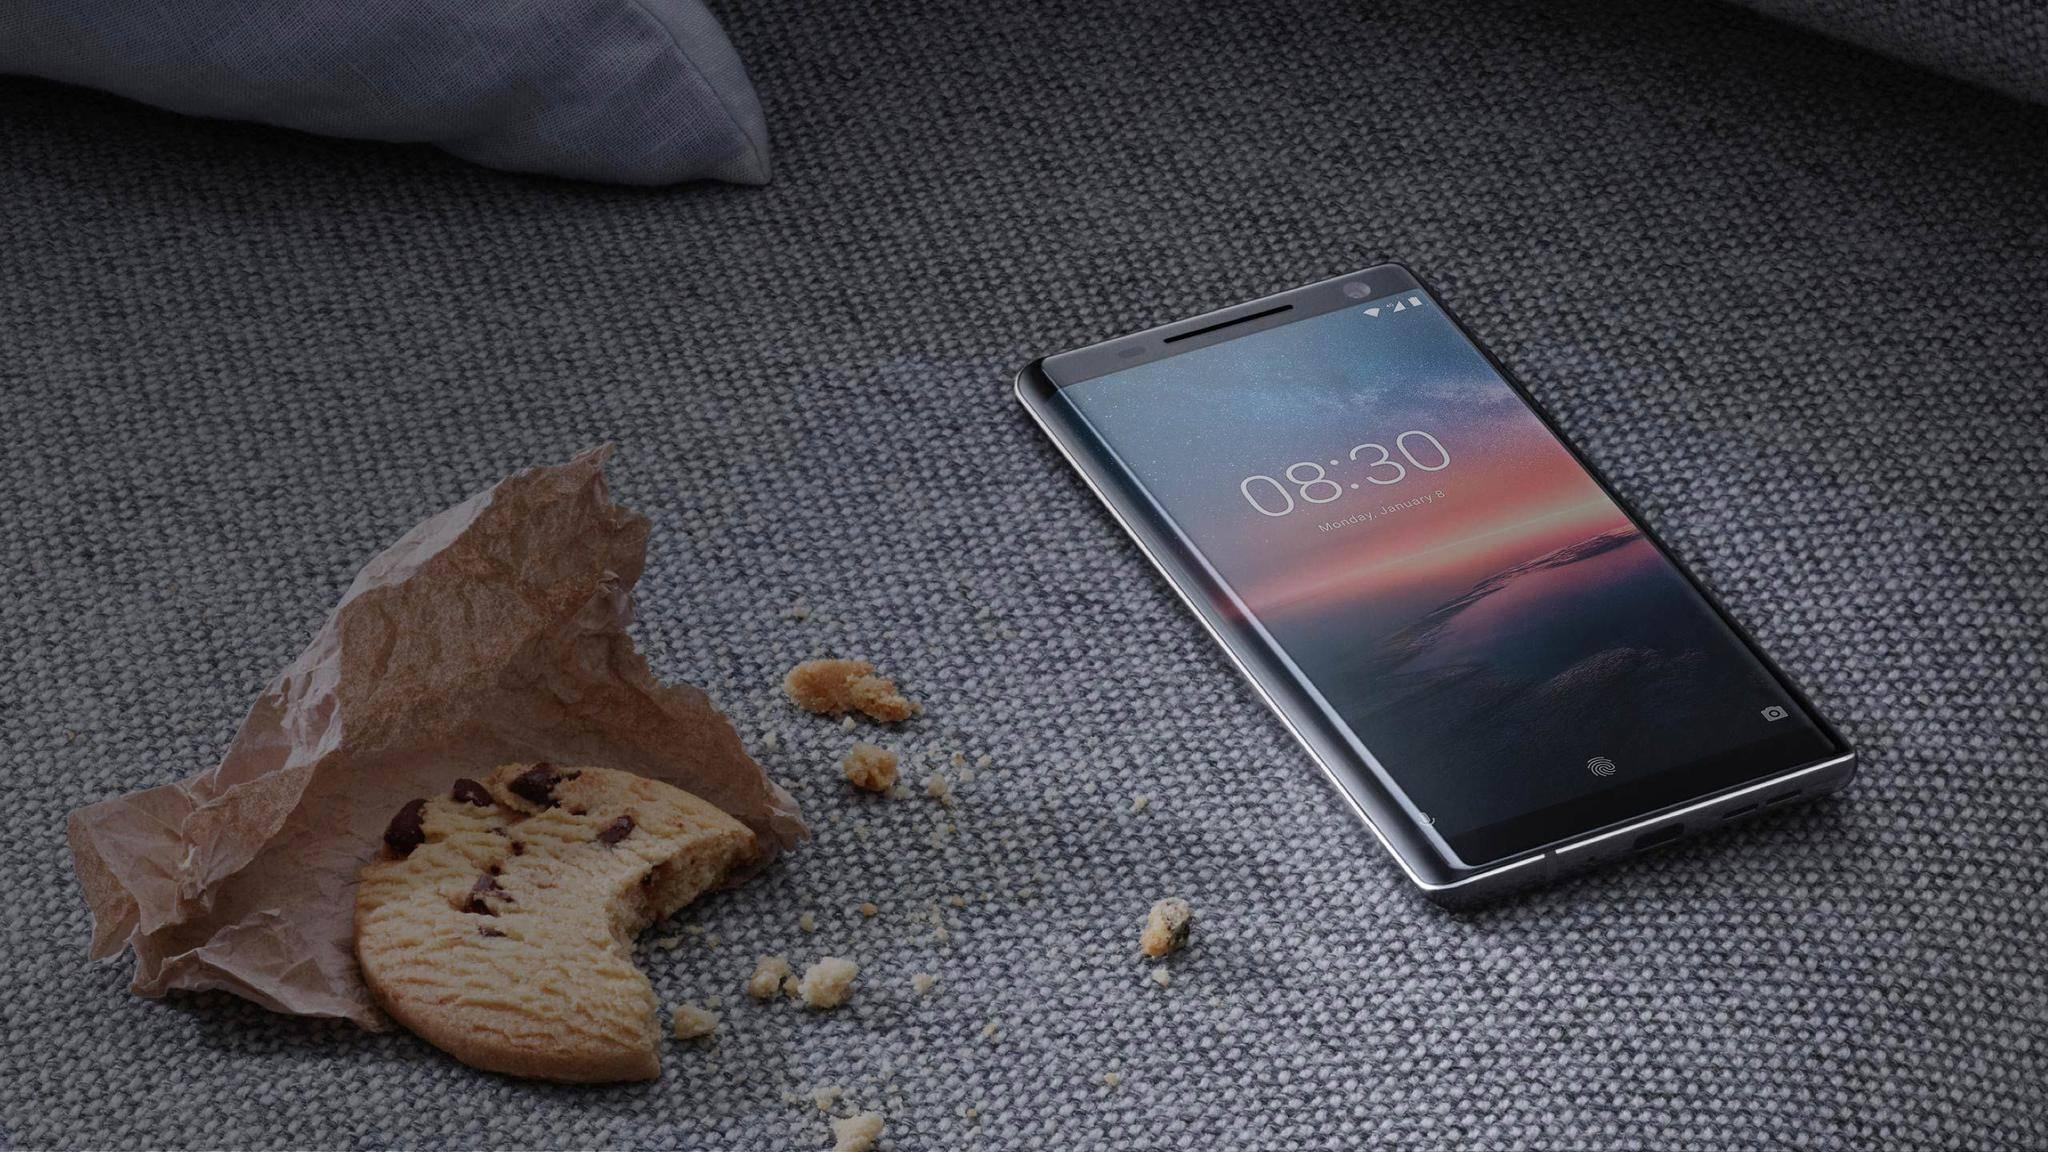 Das Nokia 8 Sirocco erhält wohl einen Nachfolger mit Fingerabdruckscanner unter dem Display.